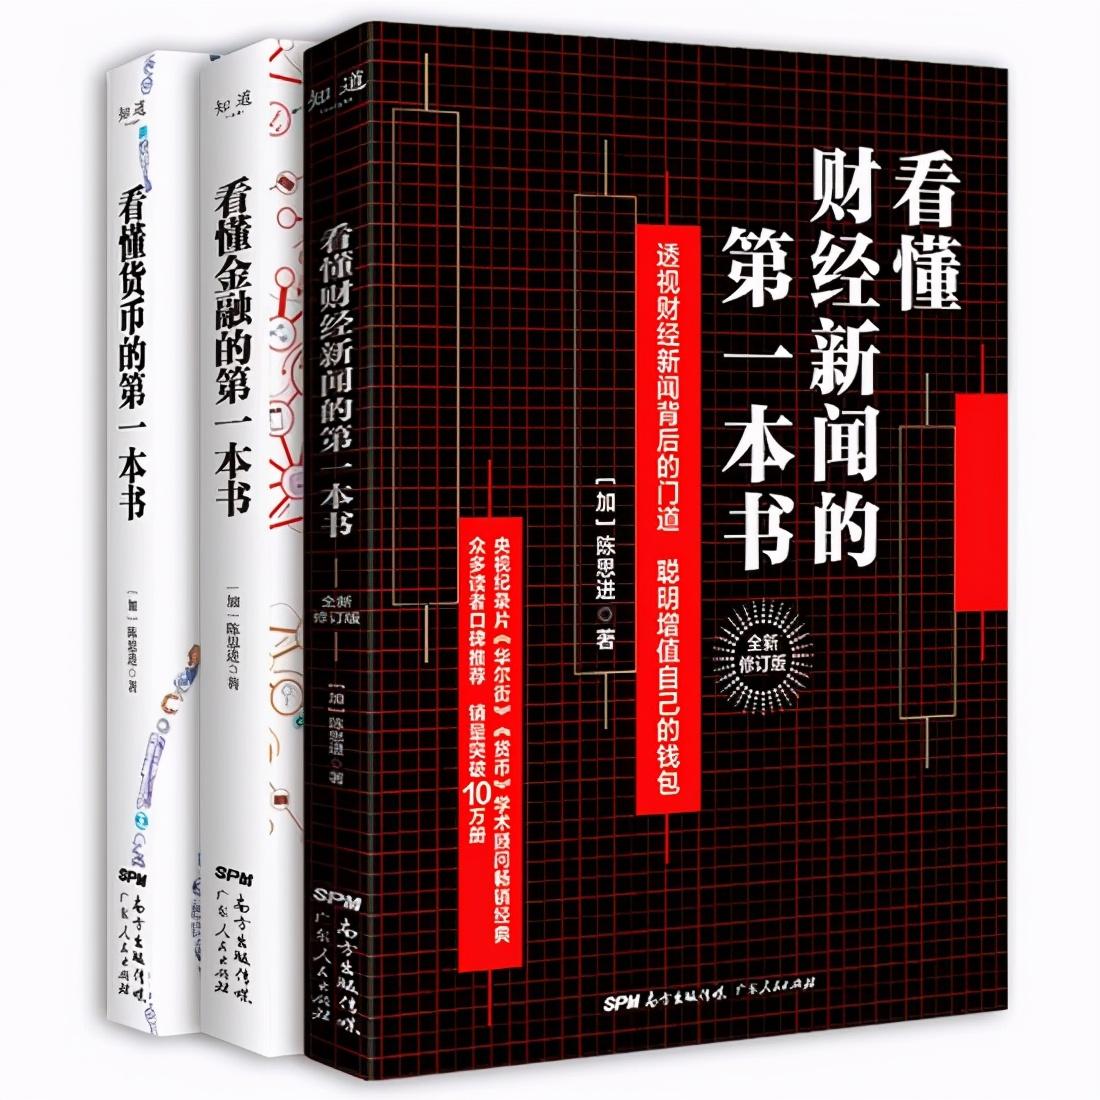 《看懂财经新闻的第一本书(全新修订版)》经典读后感有感(六)